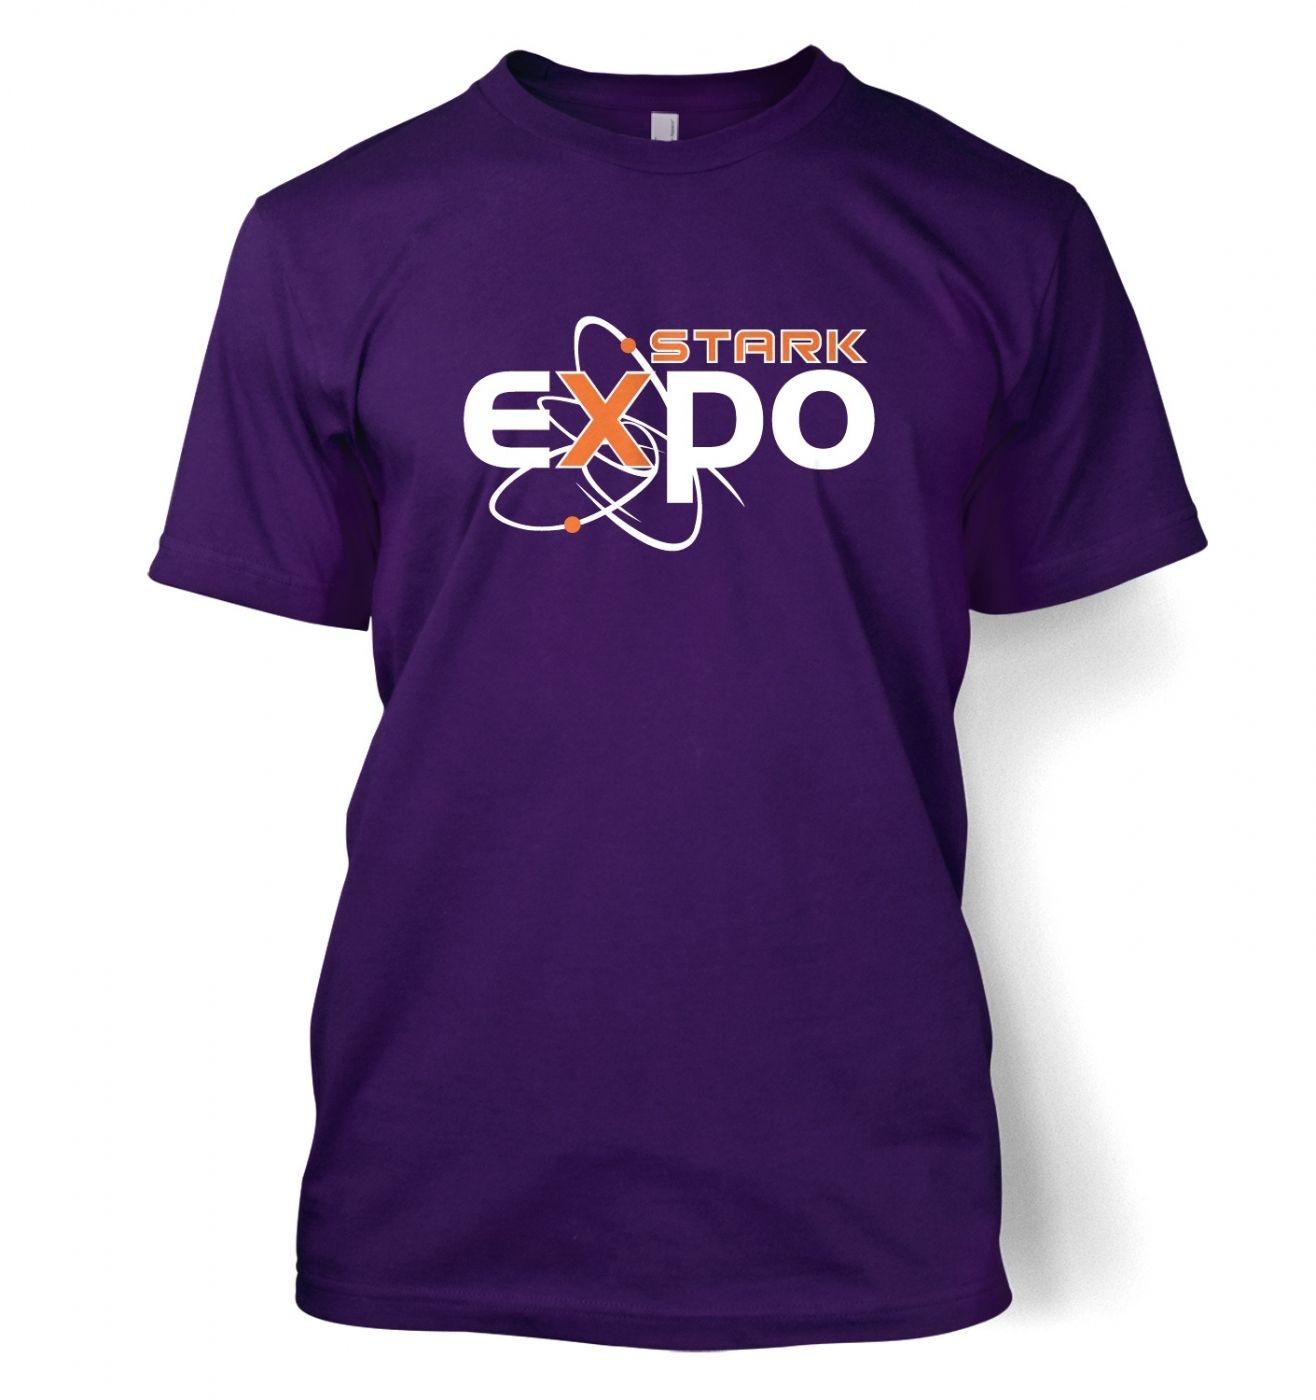 Stark Expo men's t-shirt